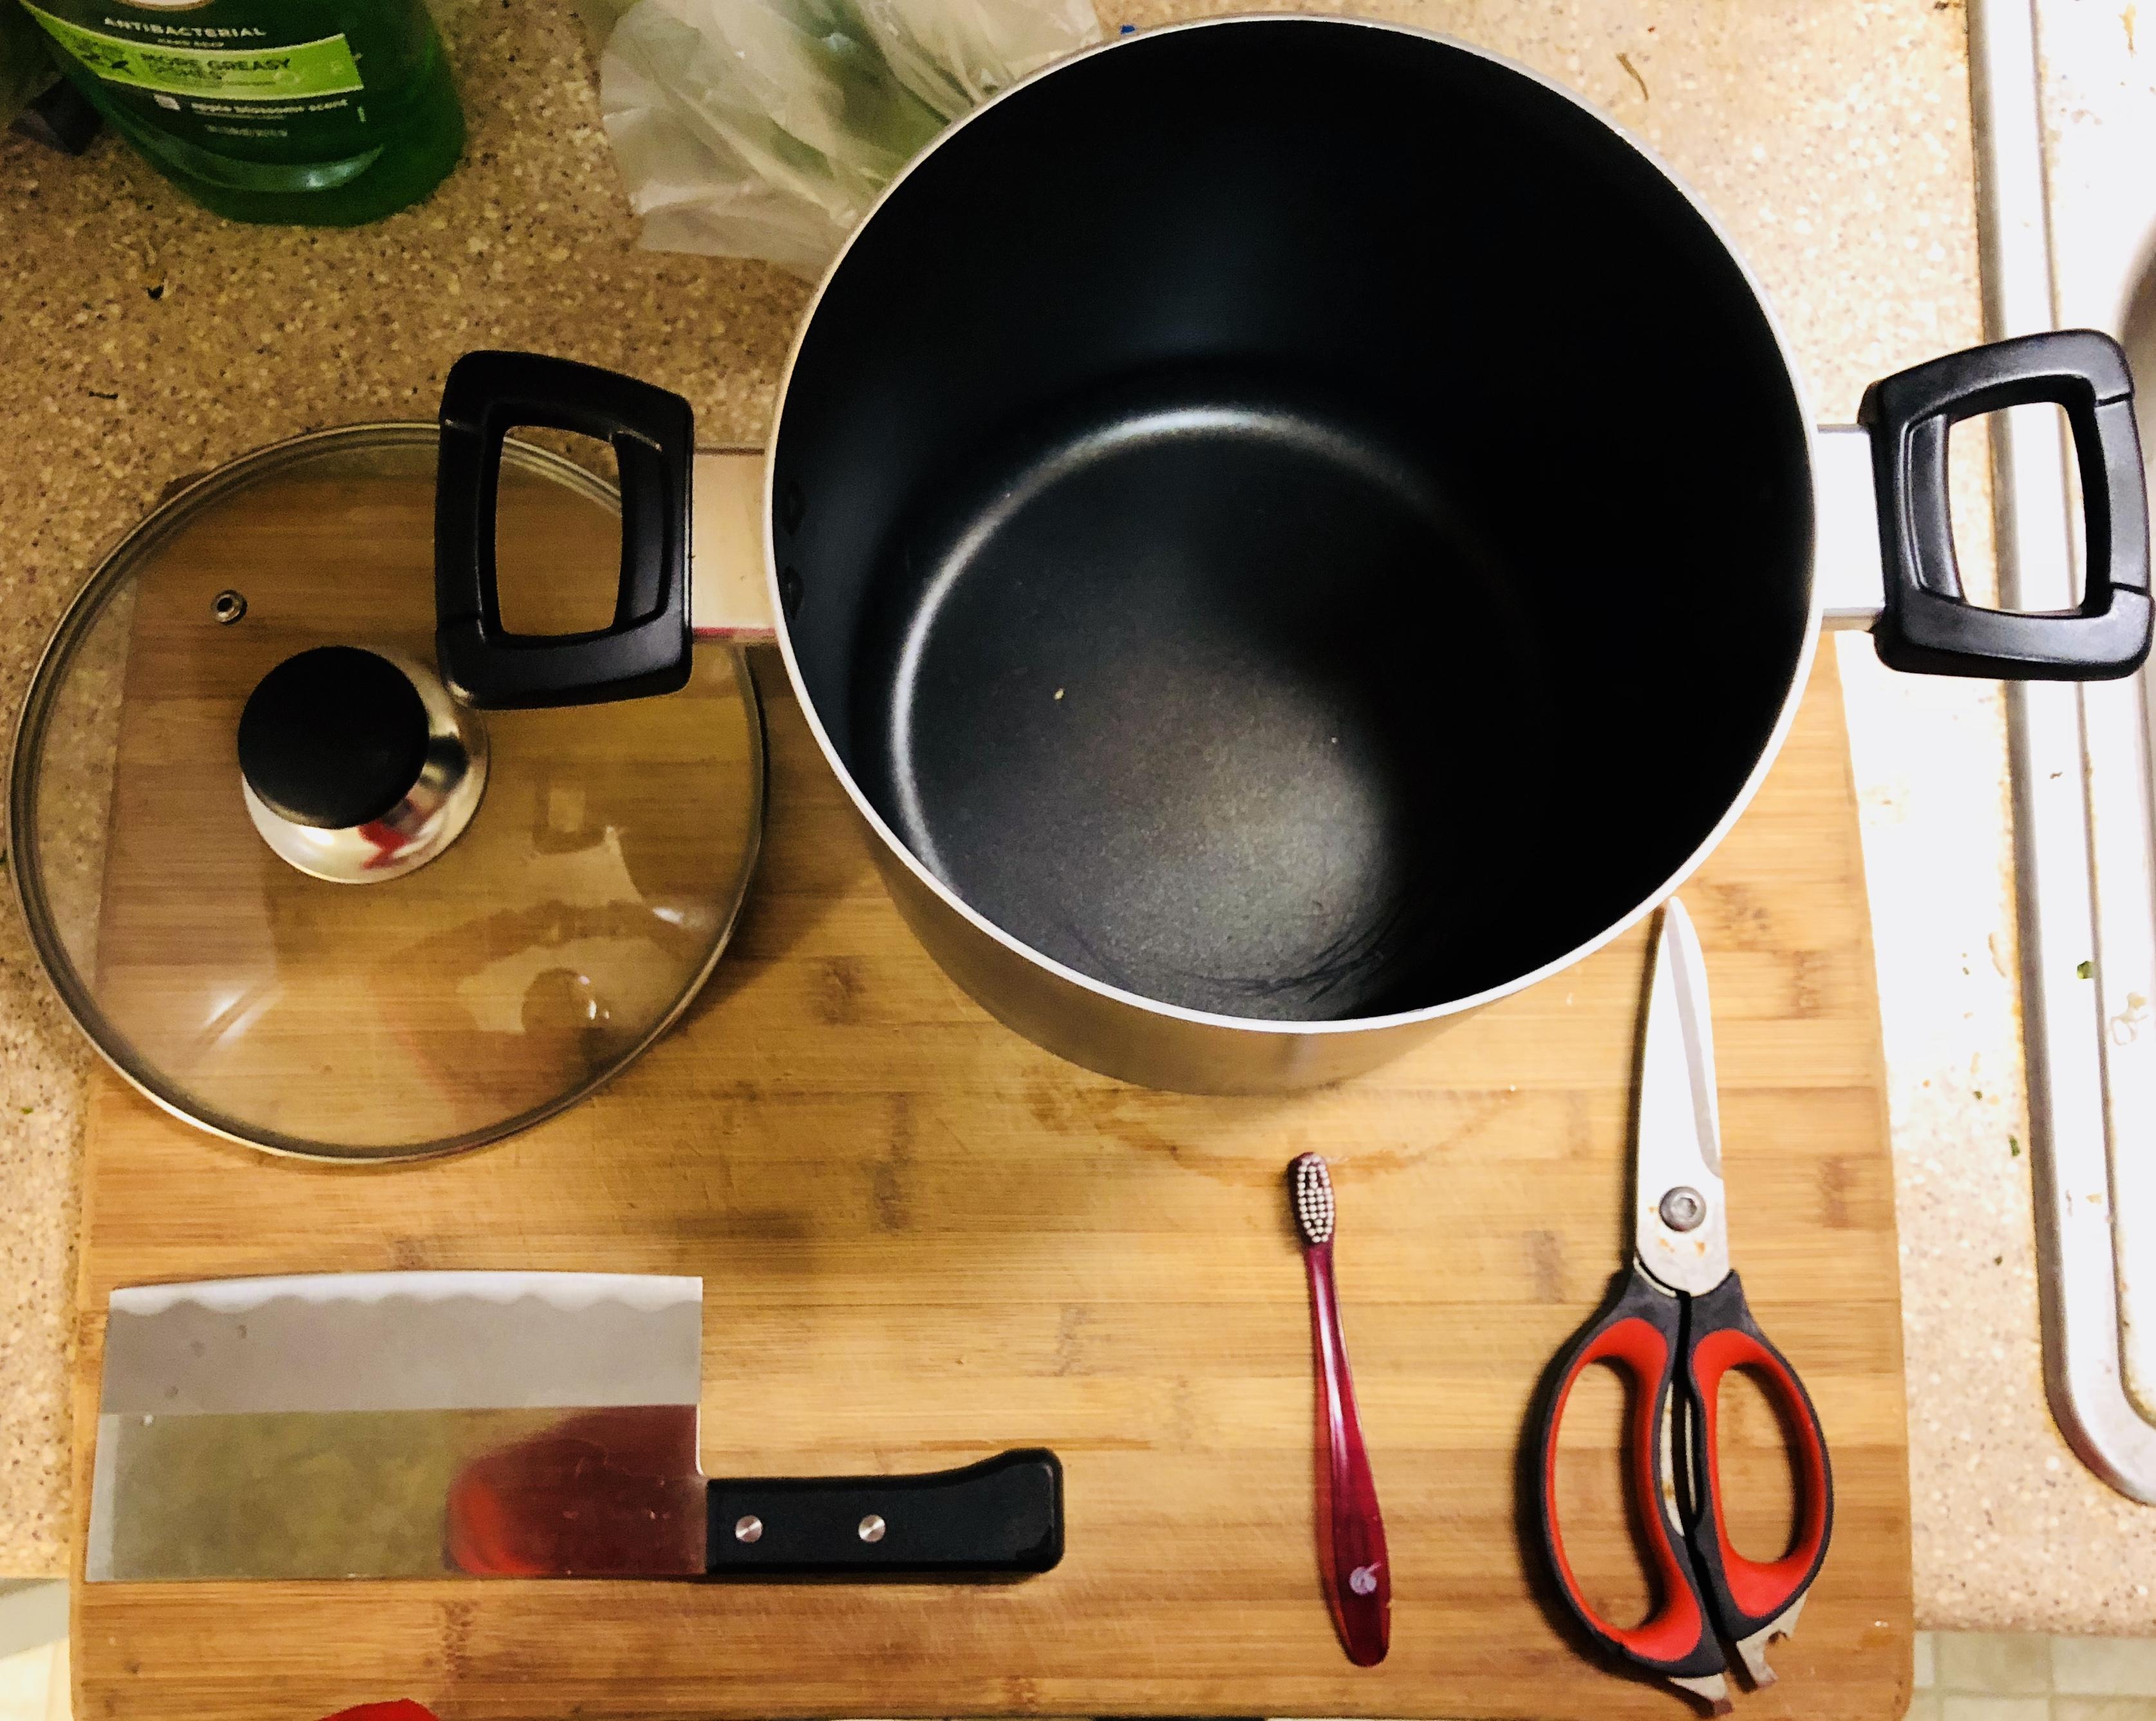 Picture of Prepare Tools